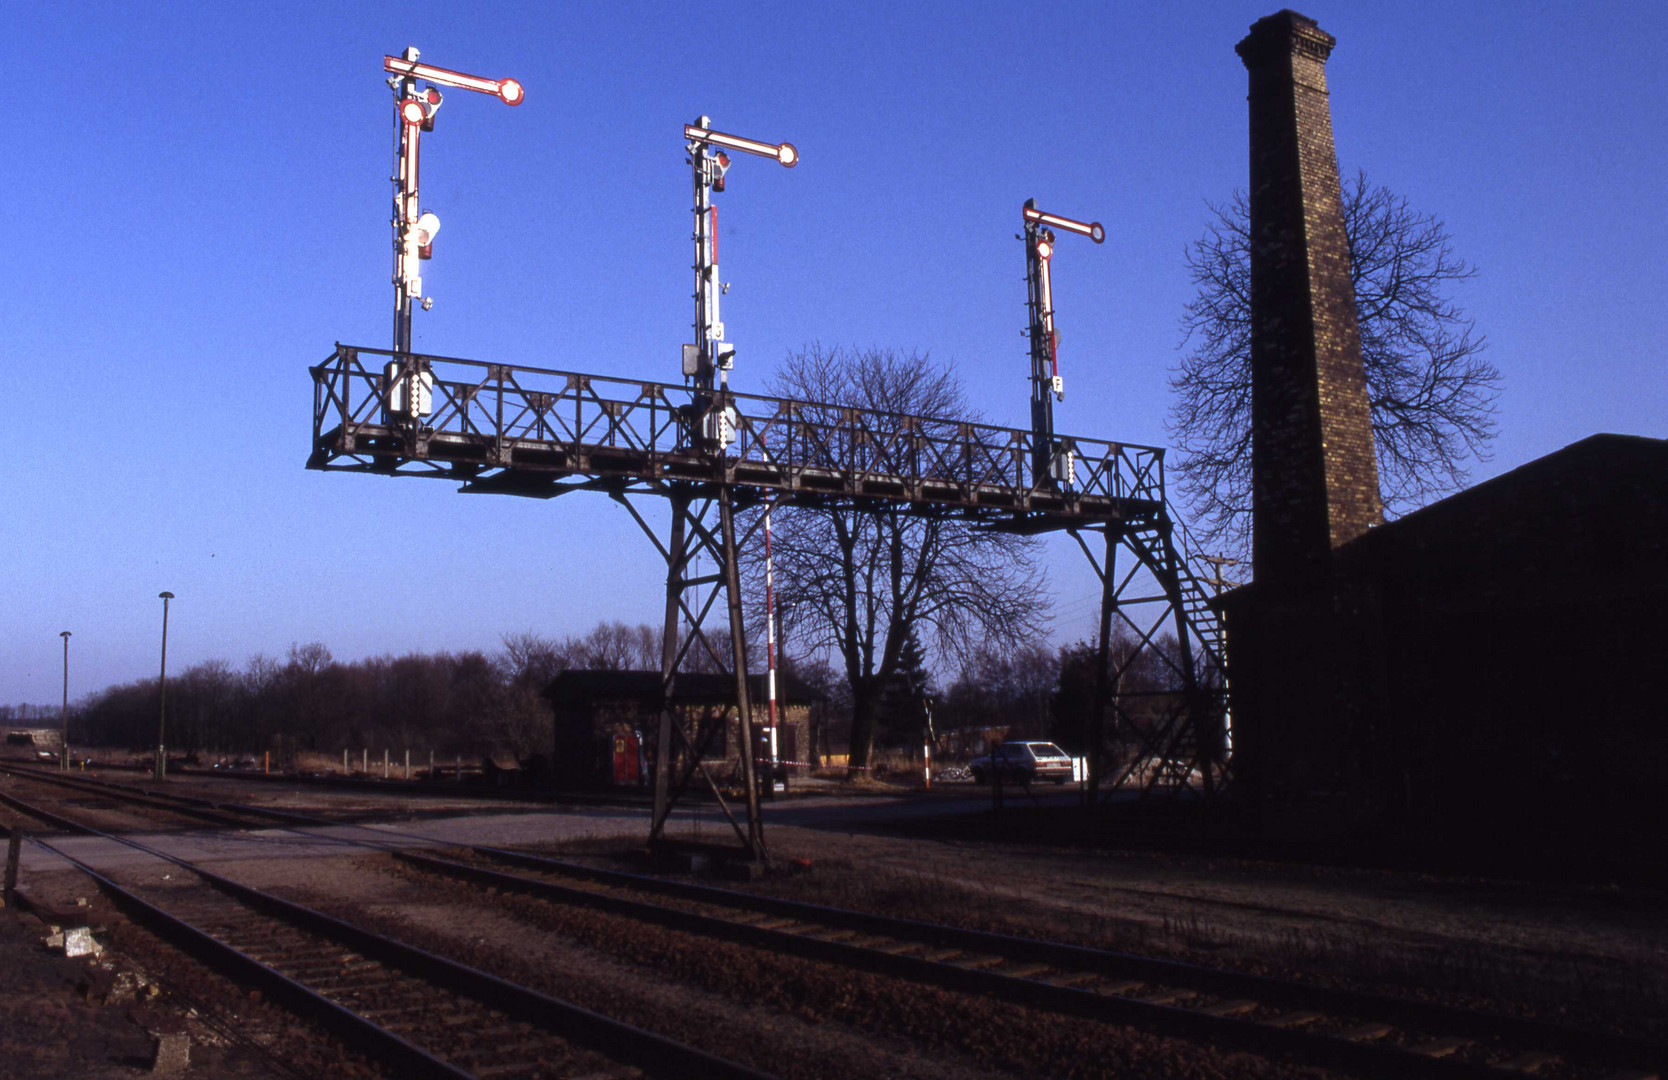 Signalbrücke Müncheberg